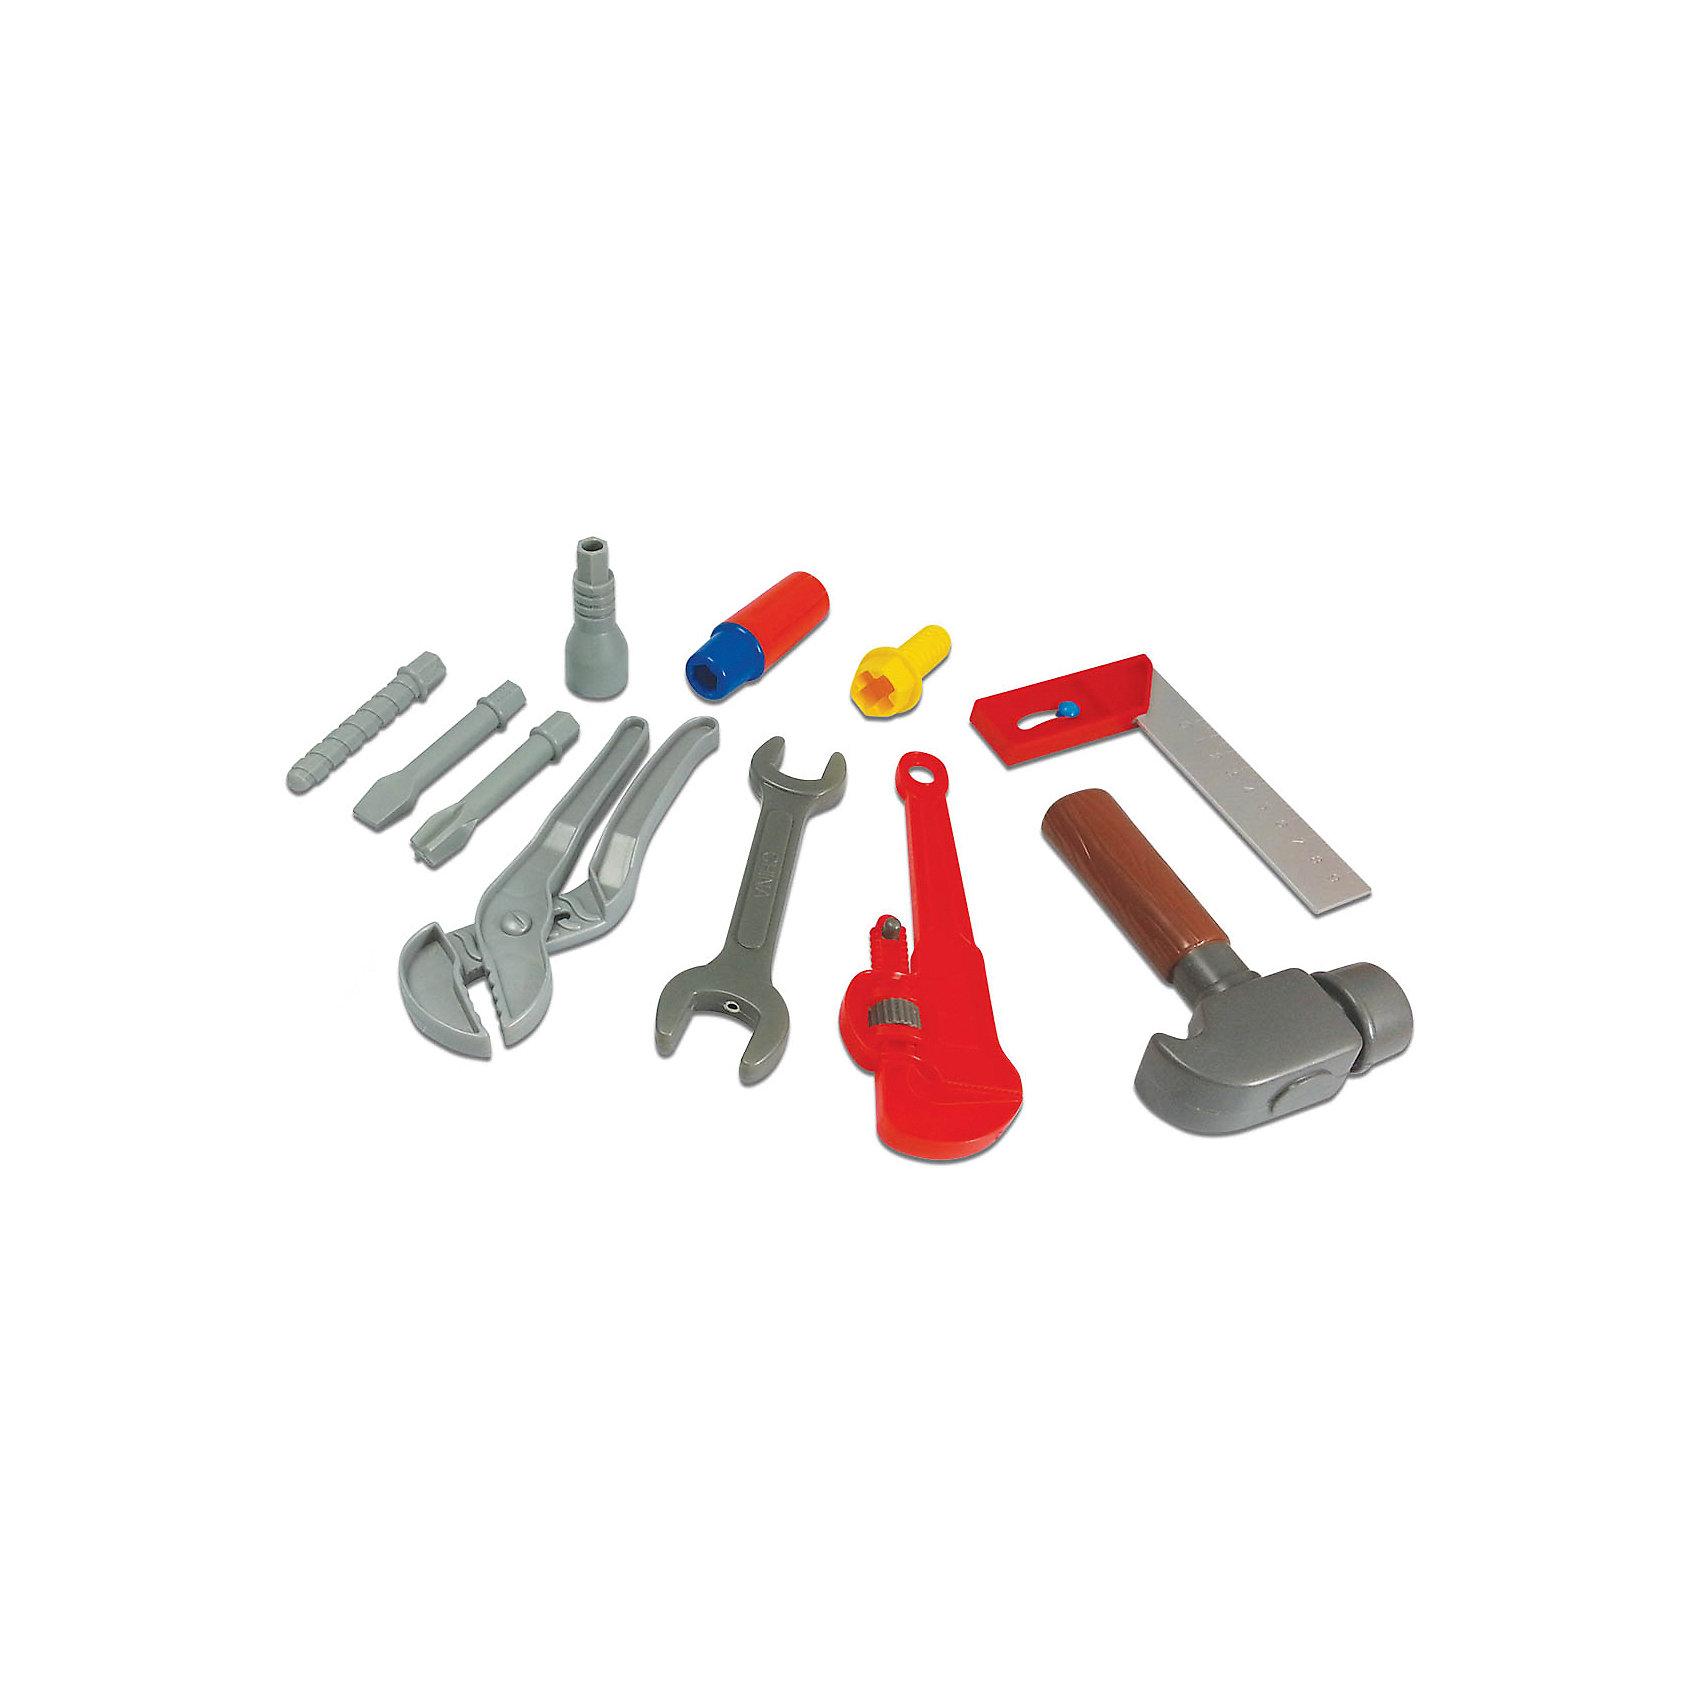 Набор инструментов на пояс, Робокар ПолиИгрушки<br>Ваш ребенок придет в восторг от набора инструментов с изображением любимого героя. Мальчики любят смотреть, как взрослые чинят  или собирают  что-либо,  и обязательно захотят попробовать тоже. Инструменты из этого набора выполнены из высококачественного пластика, прекрасно детализированы и очень похожи на настоящие. При этом они не имеют острых углов и абсолютно безопасны для детей. Игрушка развивает мелкую моторику, память логическое мышление, навыки обращения с инструментами. <br><br>Дополнительная информация:<br><br>- Материал: пластик.<br>- Комплектация: 5 инструментов (ключ, ключ разводной, молоток, уголок-уровень, рукоятка для отвертки), 6 насадок (в том числе 3 вида отверток)<br>- Размер инструмента: 15 см. <br><br>Набор инструментов на пояс, Робокар Поли (Robocar Poli) можно купить в нашем магазине.<br><br>Ширина мм: 490<br>Глубина мм: 60<br>Высота мм: 340<br>Вес г: 700<br>Возраст от месяцев: 36<br>Возраст до месяцев: 84<br>Пол: Унисекс<br>Возраст: Детский<br>SKU: 3929158